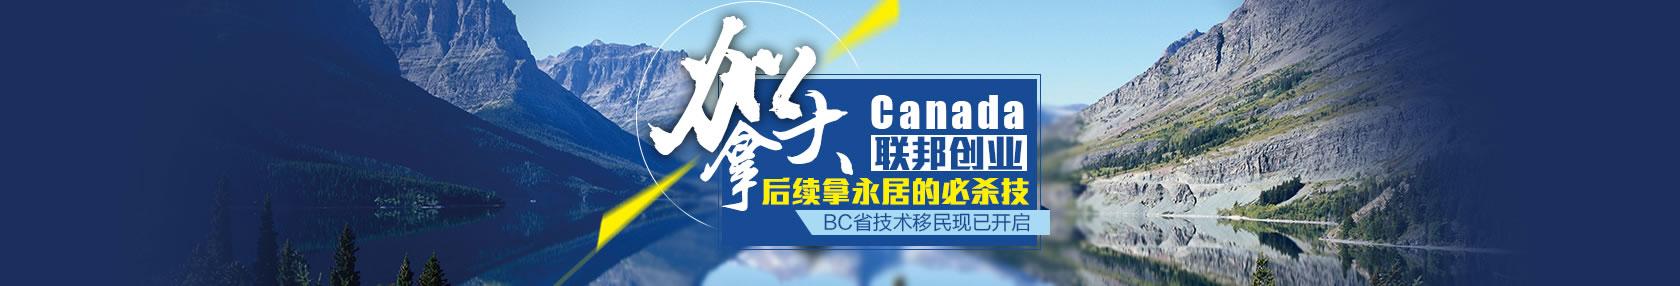 【加拿大BC省技术移民】开启加拿大联邦创业移民后续拿永居新模式